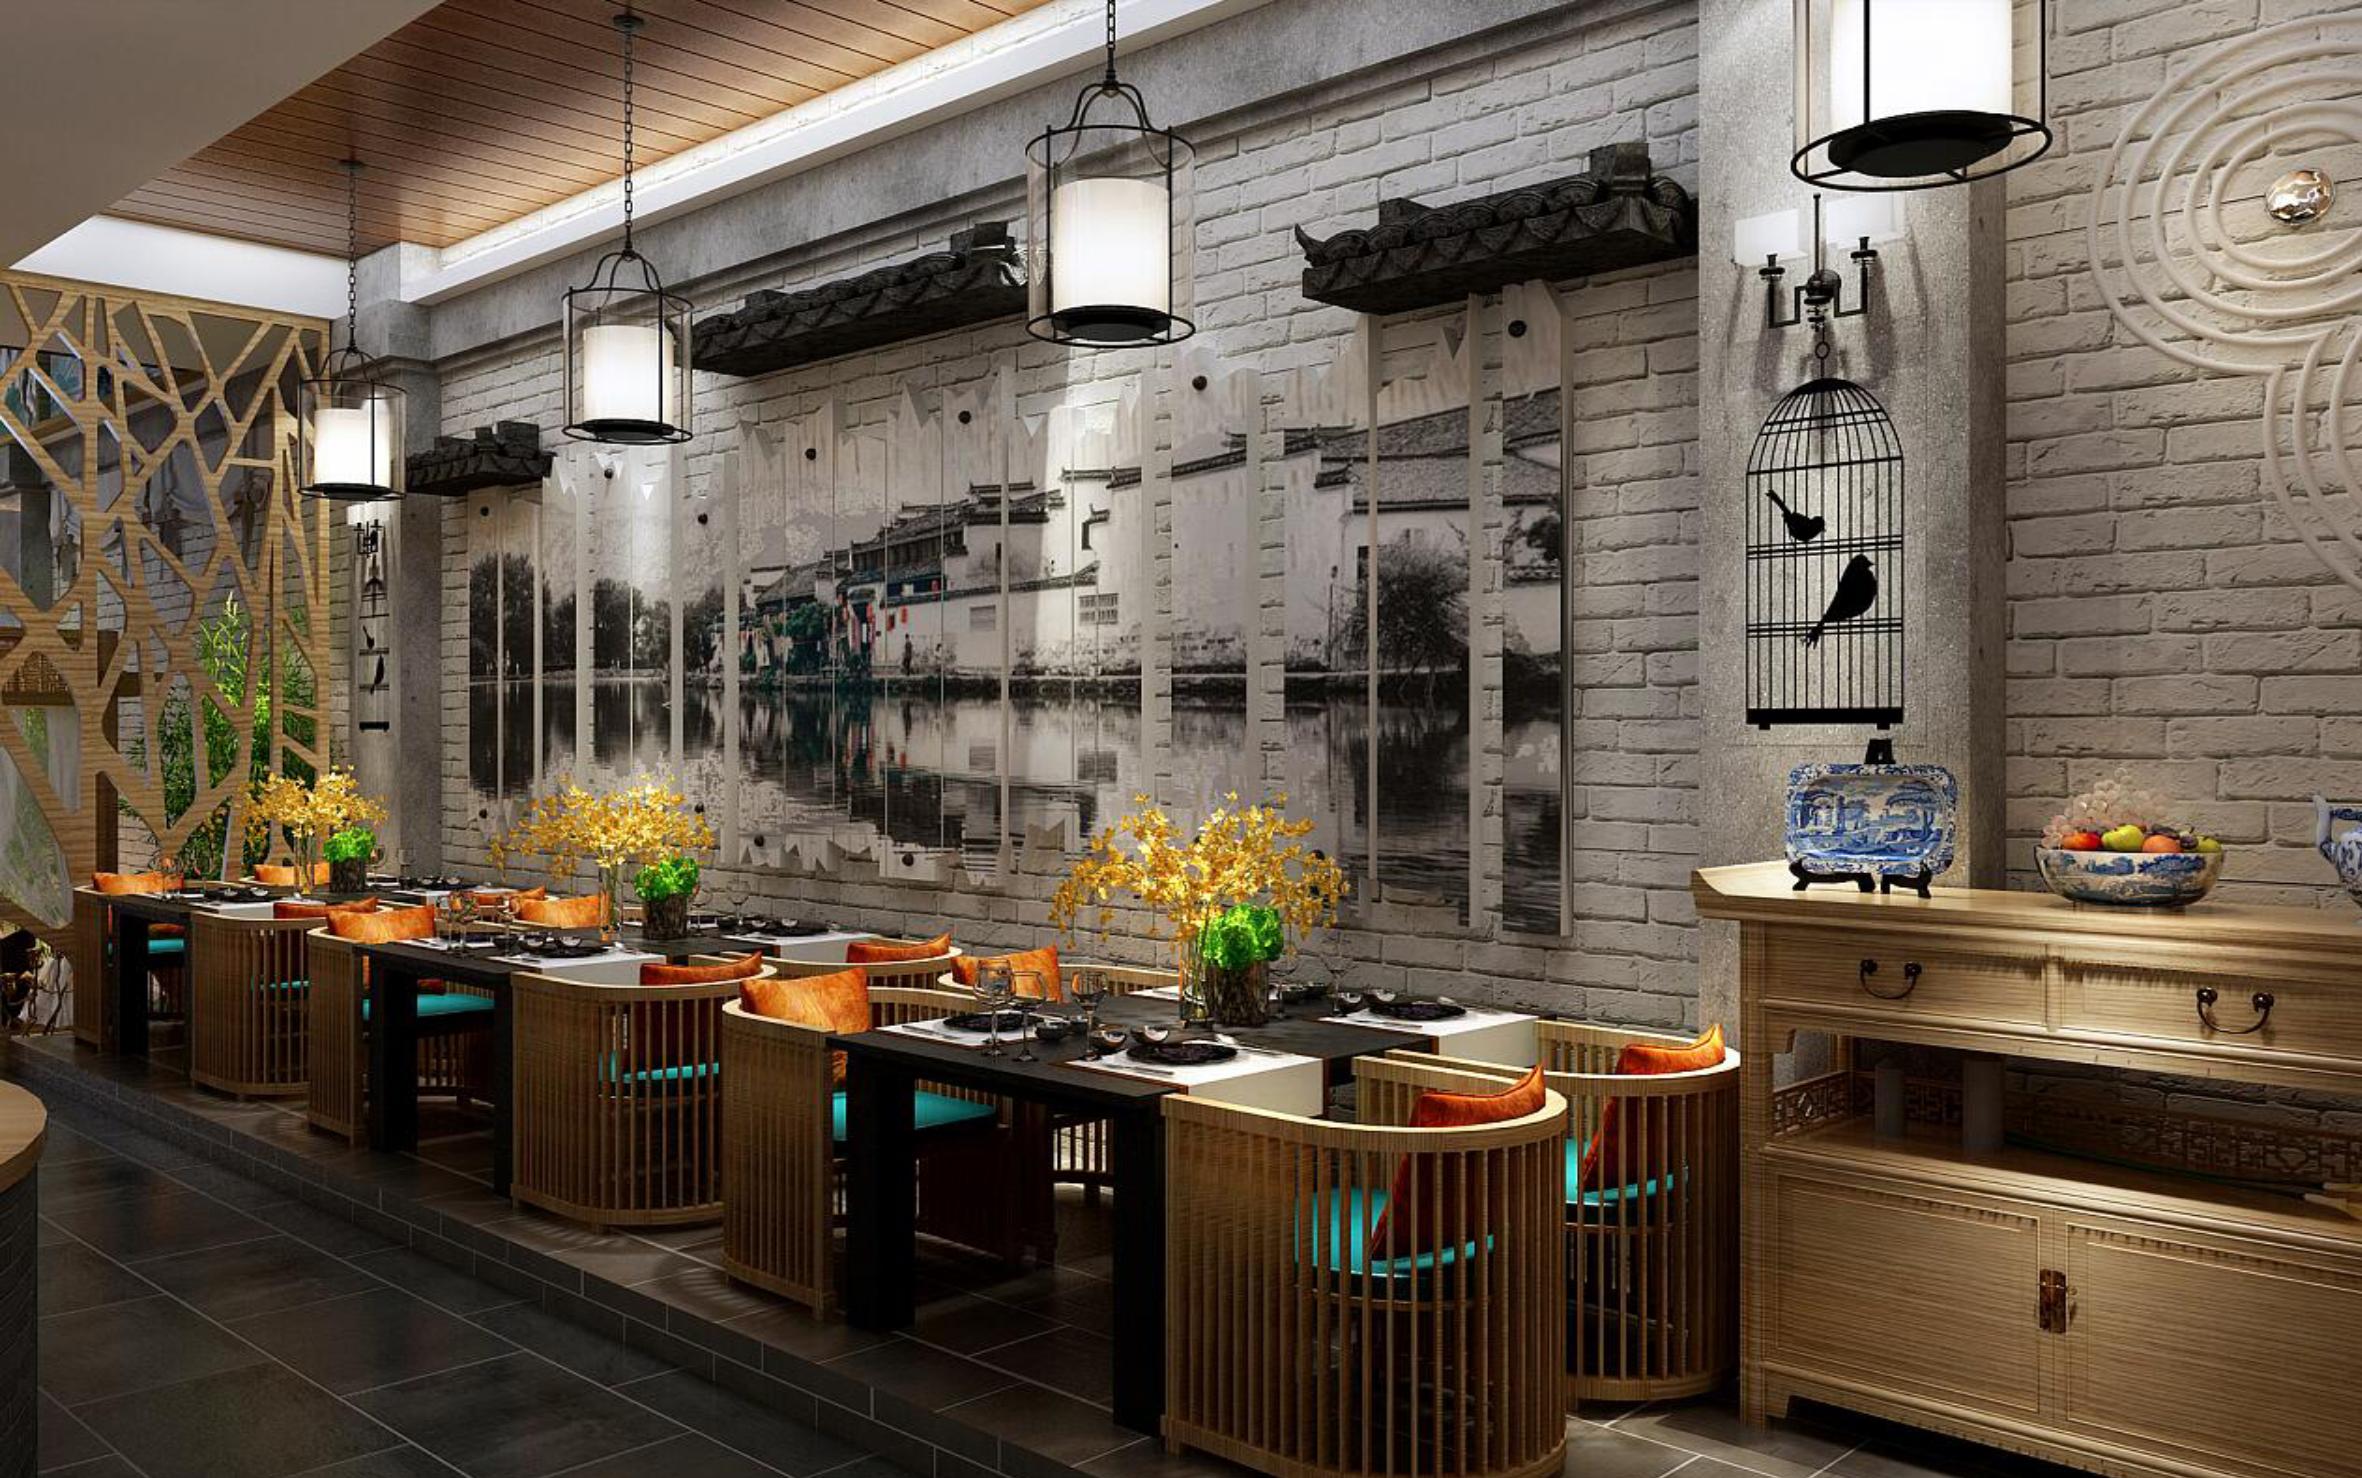 连锁店展厅专卖店办公空间餐饮店家装公装酒店si设计装修展厅